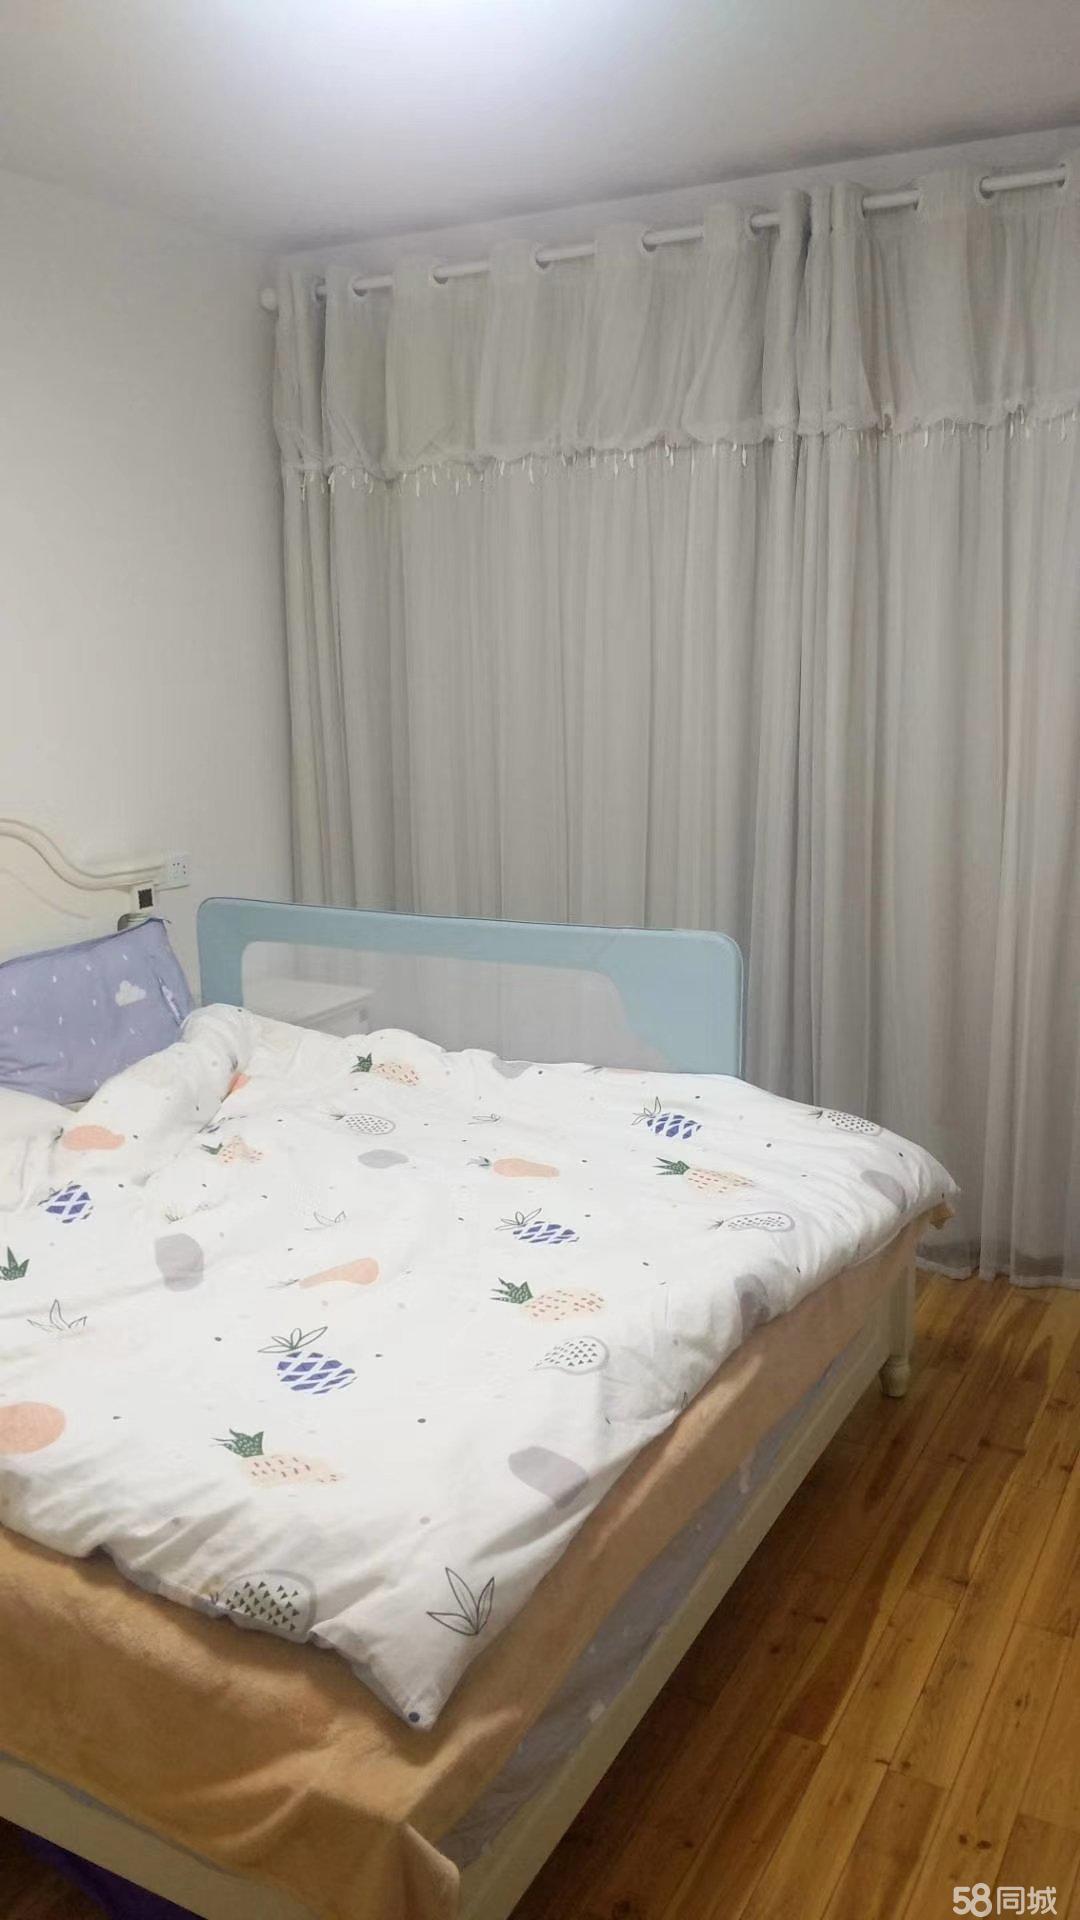 遂昌凯恩佳苑3室2厅1卫105平米